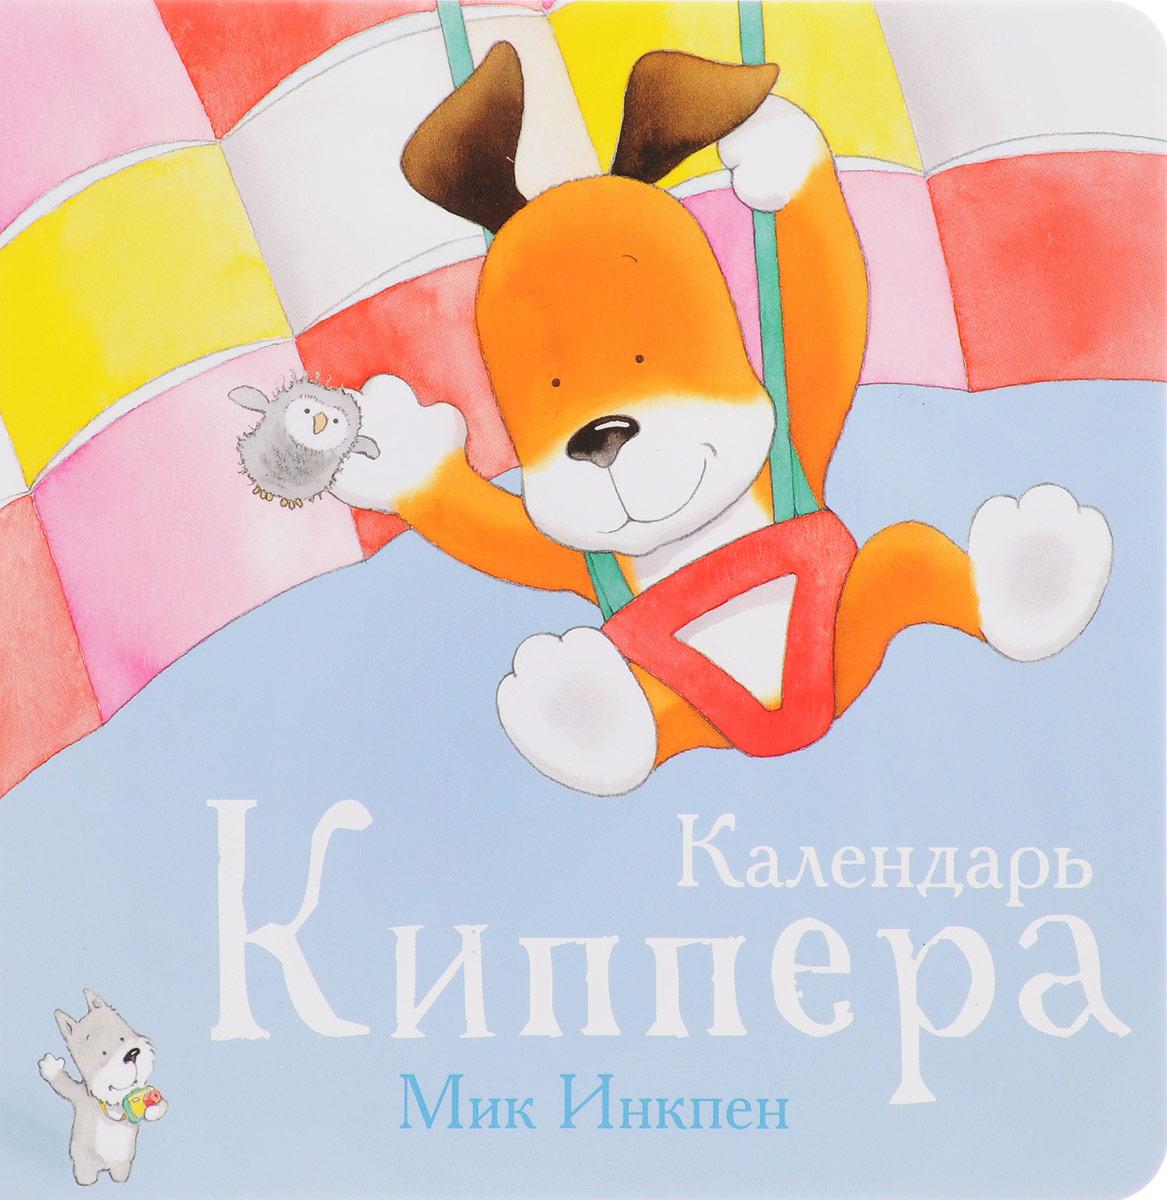 Календарь Киппера, Зарубежная литература для детей  - купить со скидкой